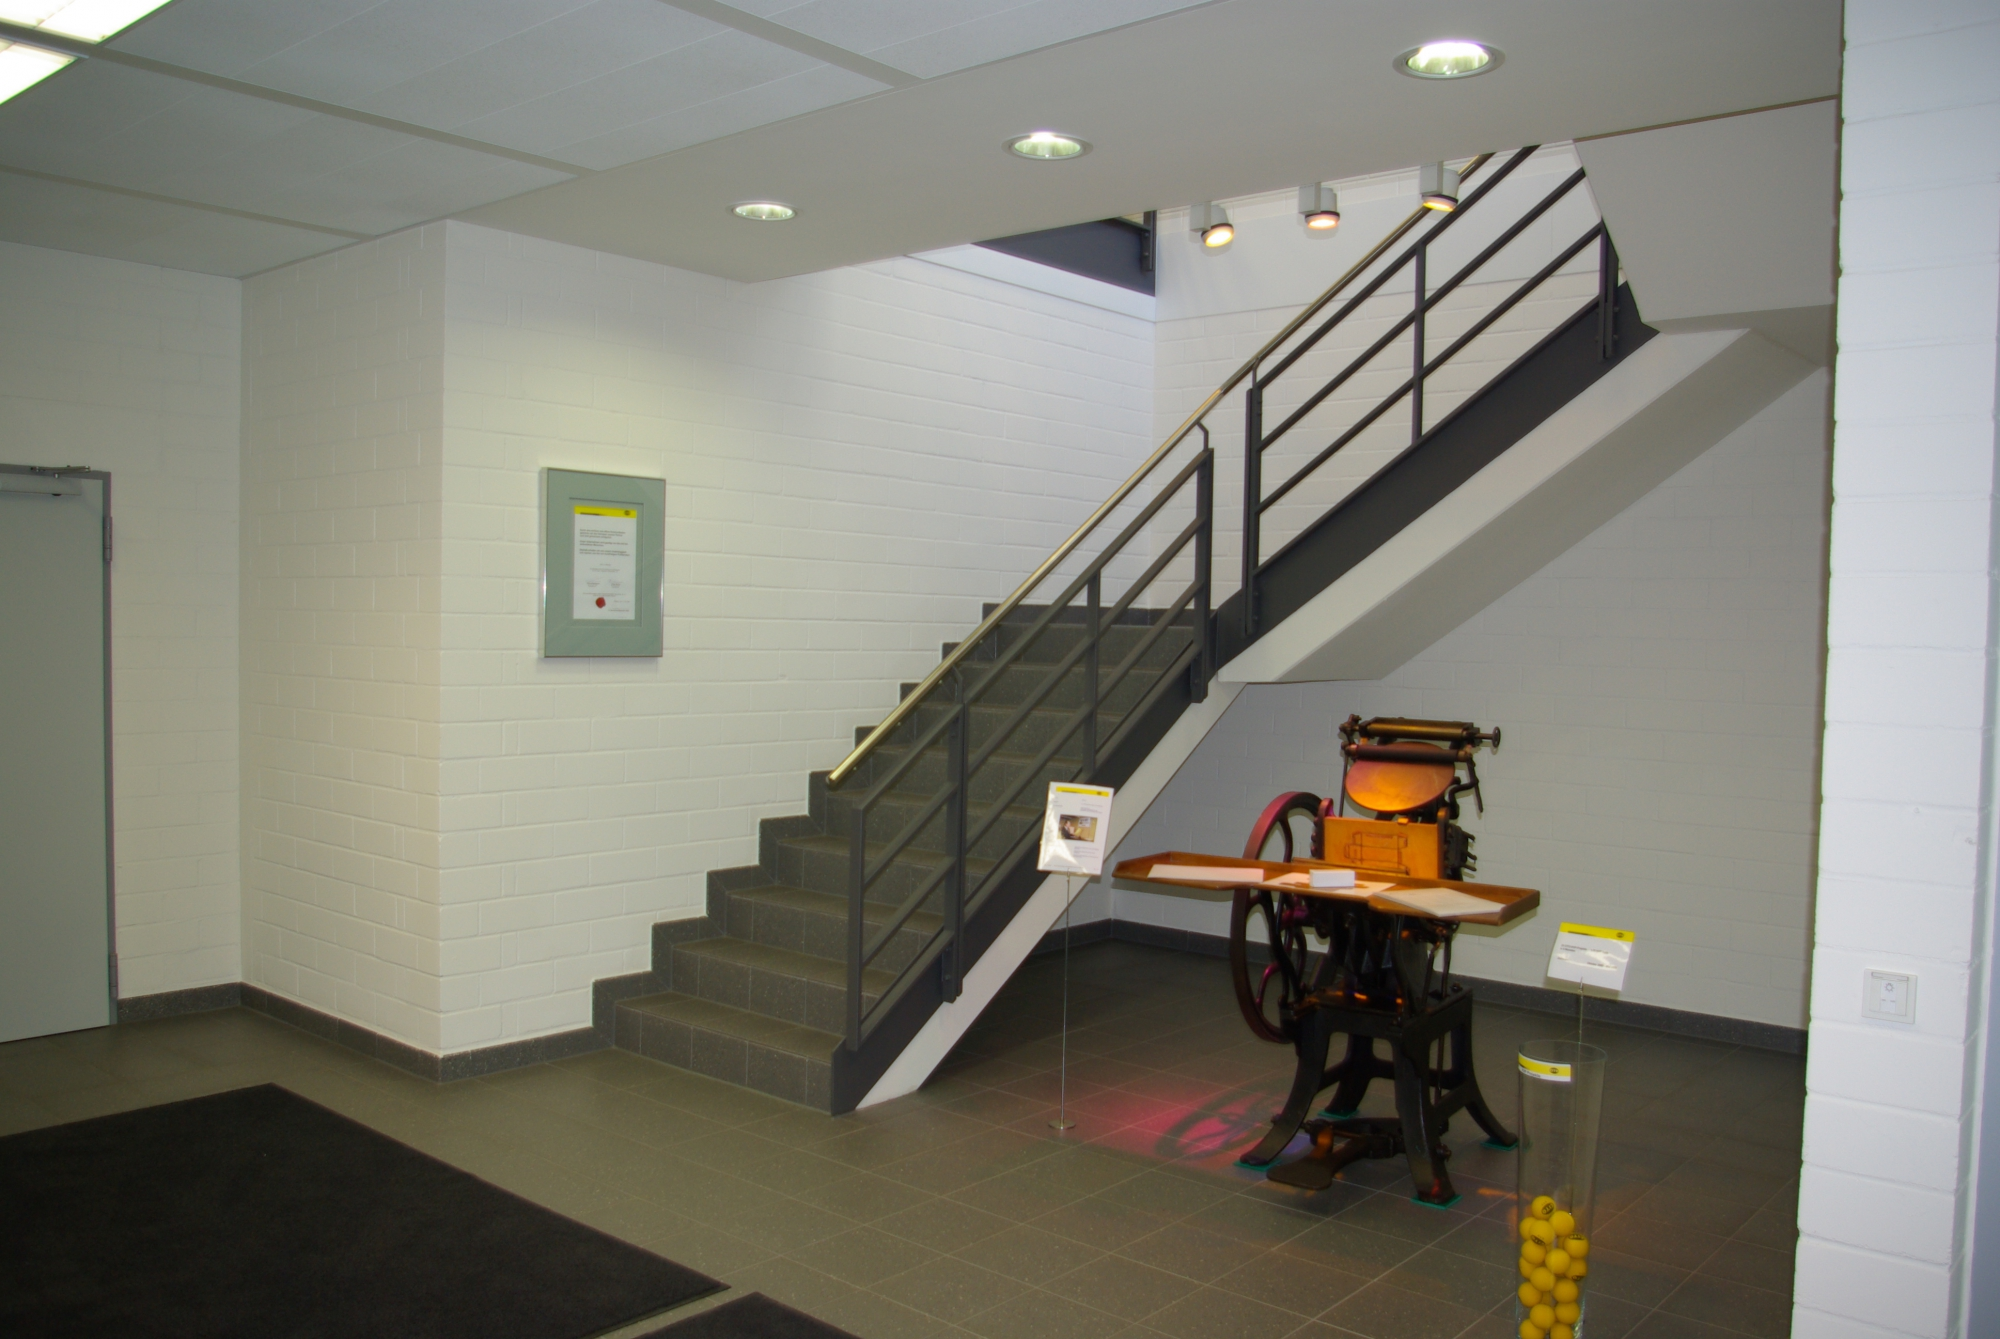 ks innenw nde optimaler schall und brandschutz zapf daigfuss. Black Bedroom Furniture Sets. Home Design Ideas